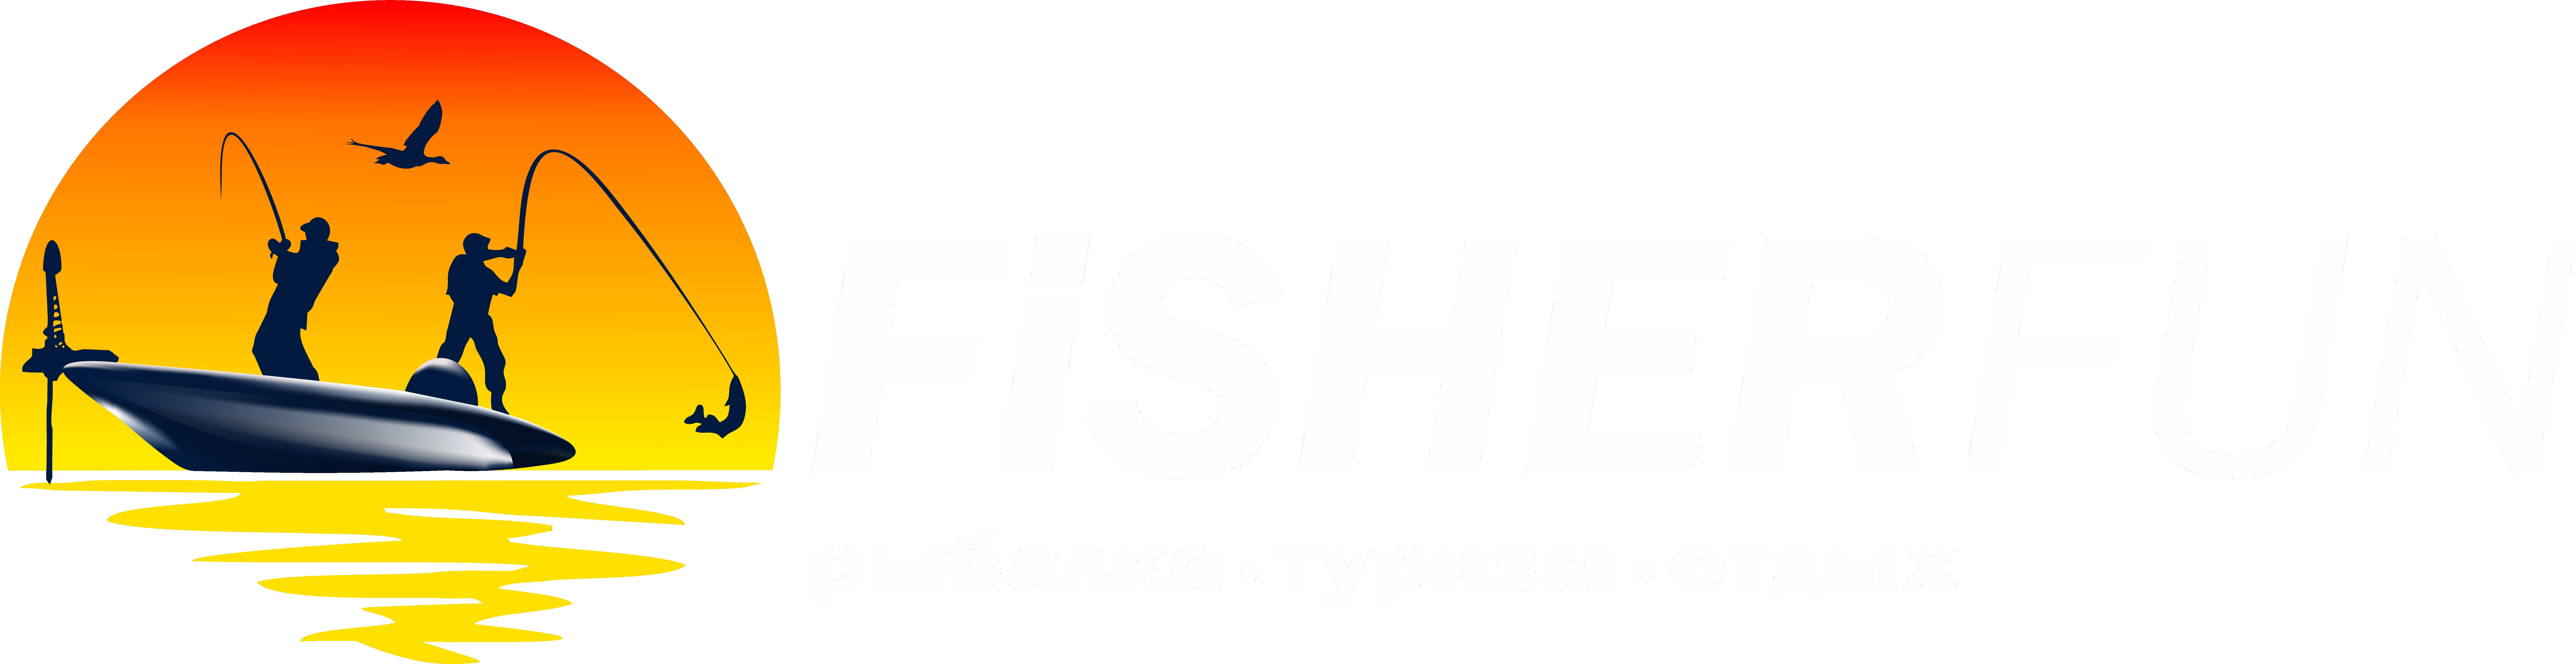 Интернет-магазин для активного отдыха Fisherfun